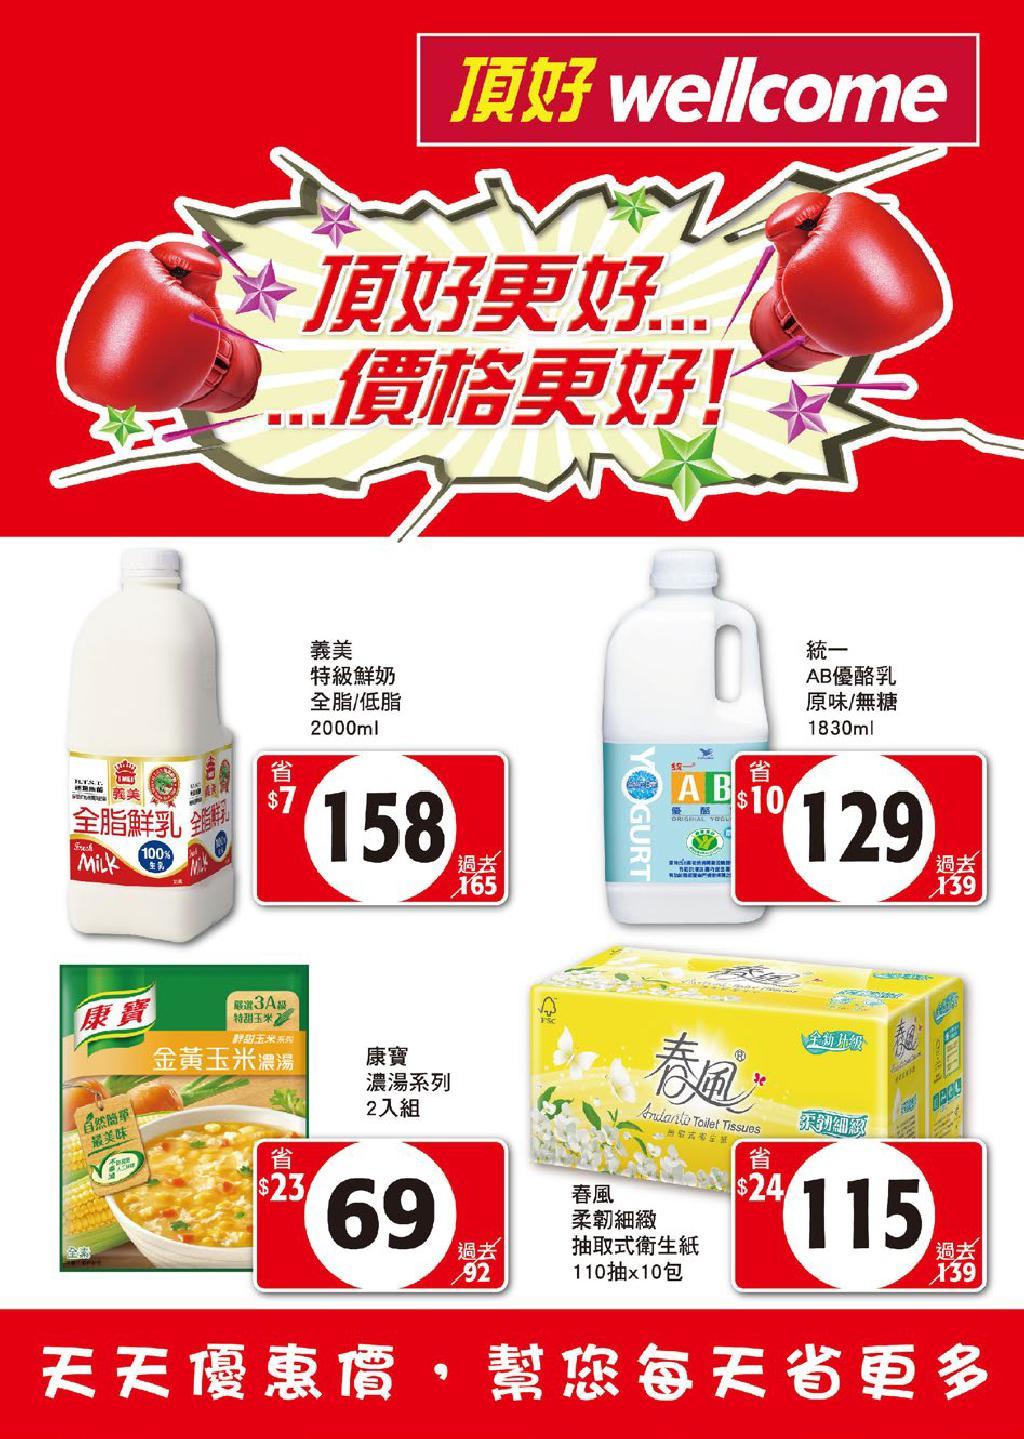 頂好超市 wellcome 🥬促銷 DM 🥬【2021/3/31 止】促銷目錄、優惠內容